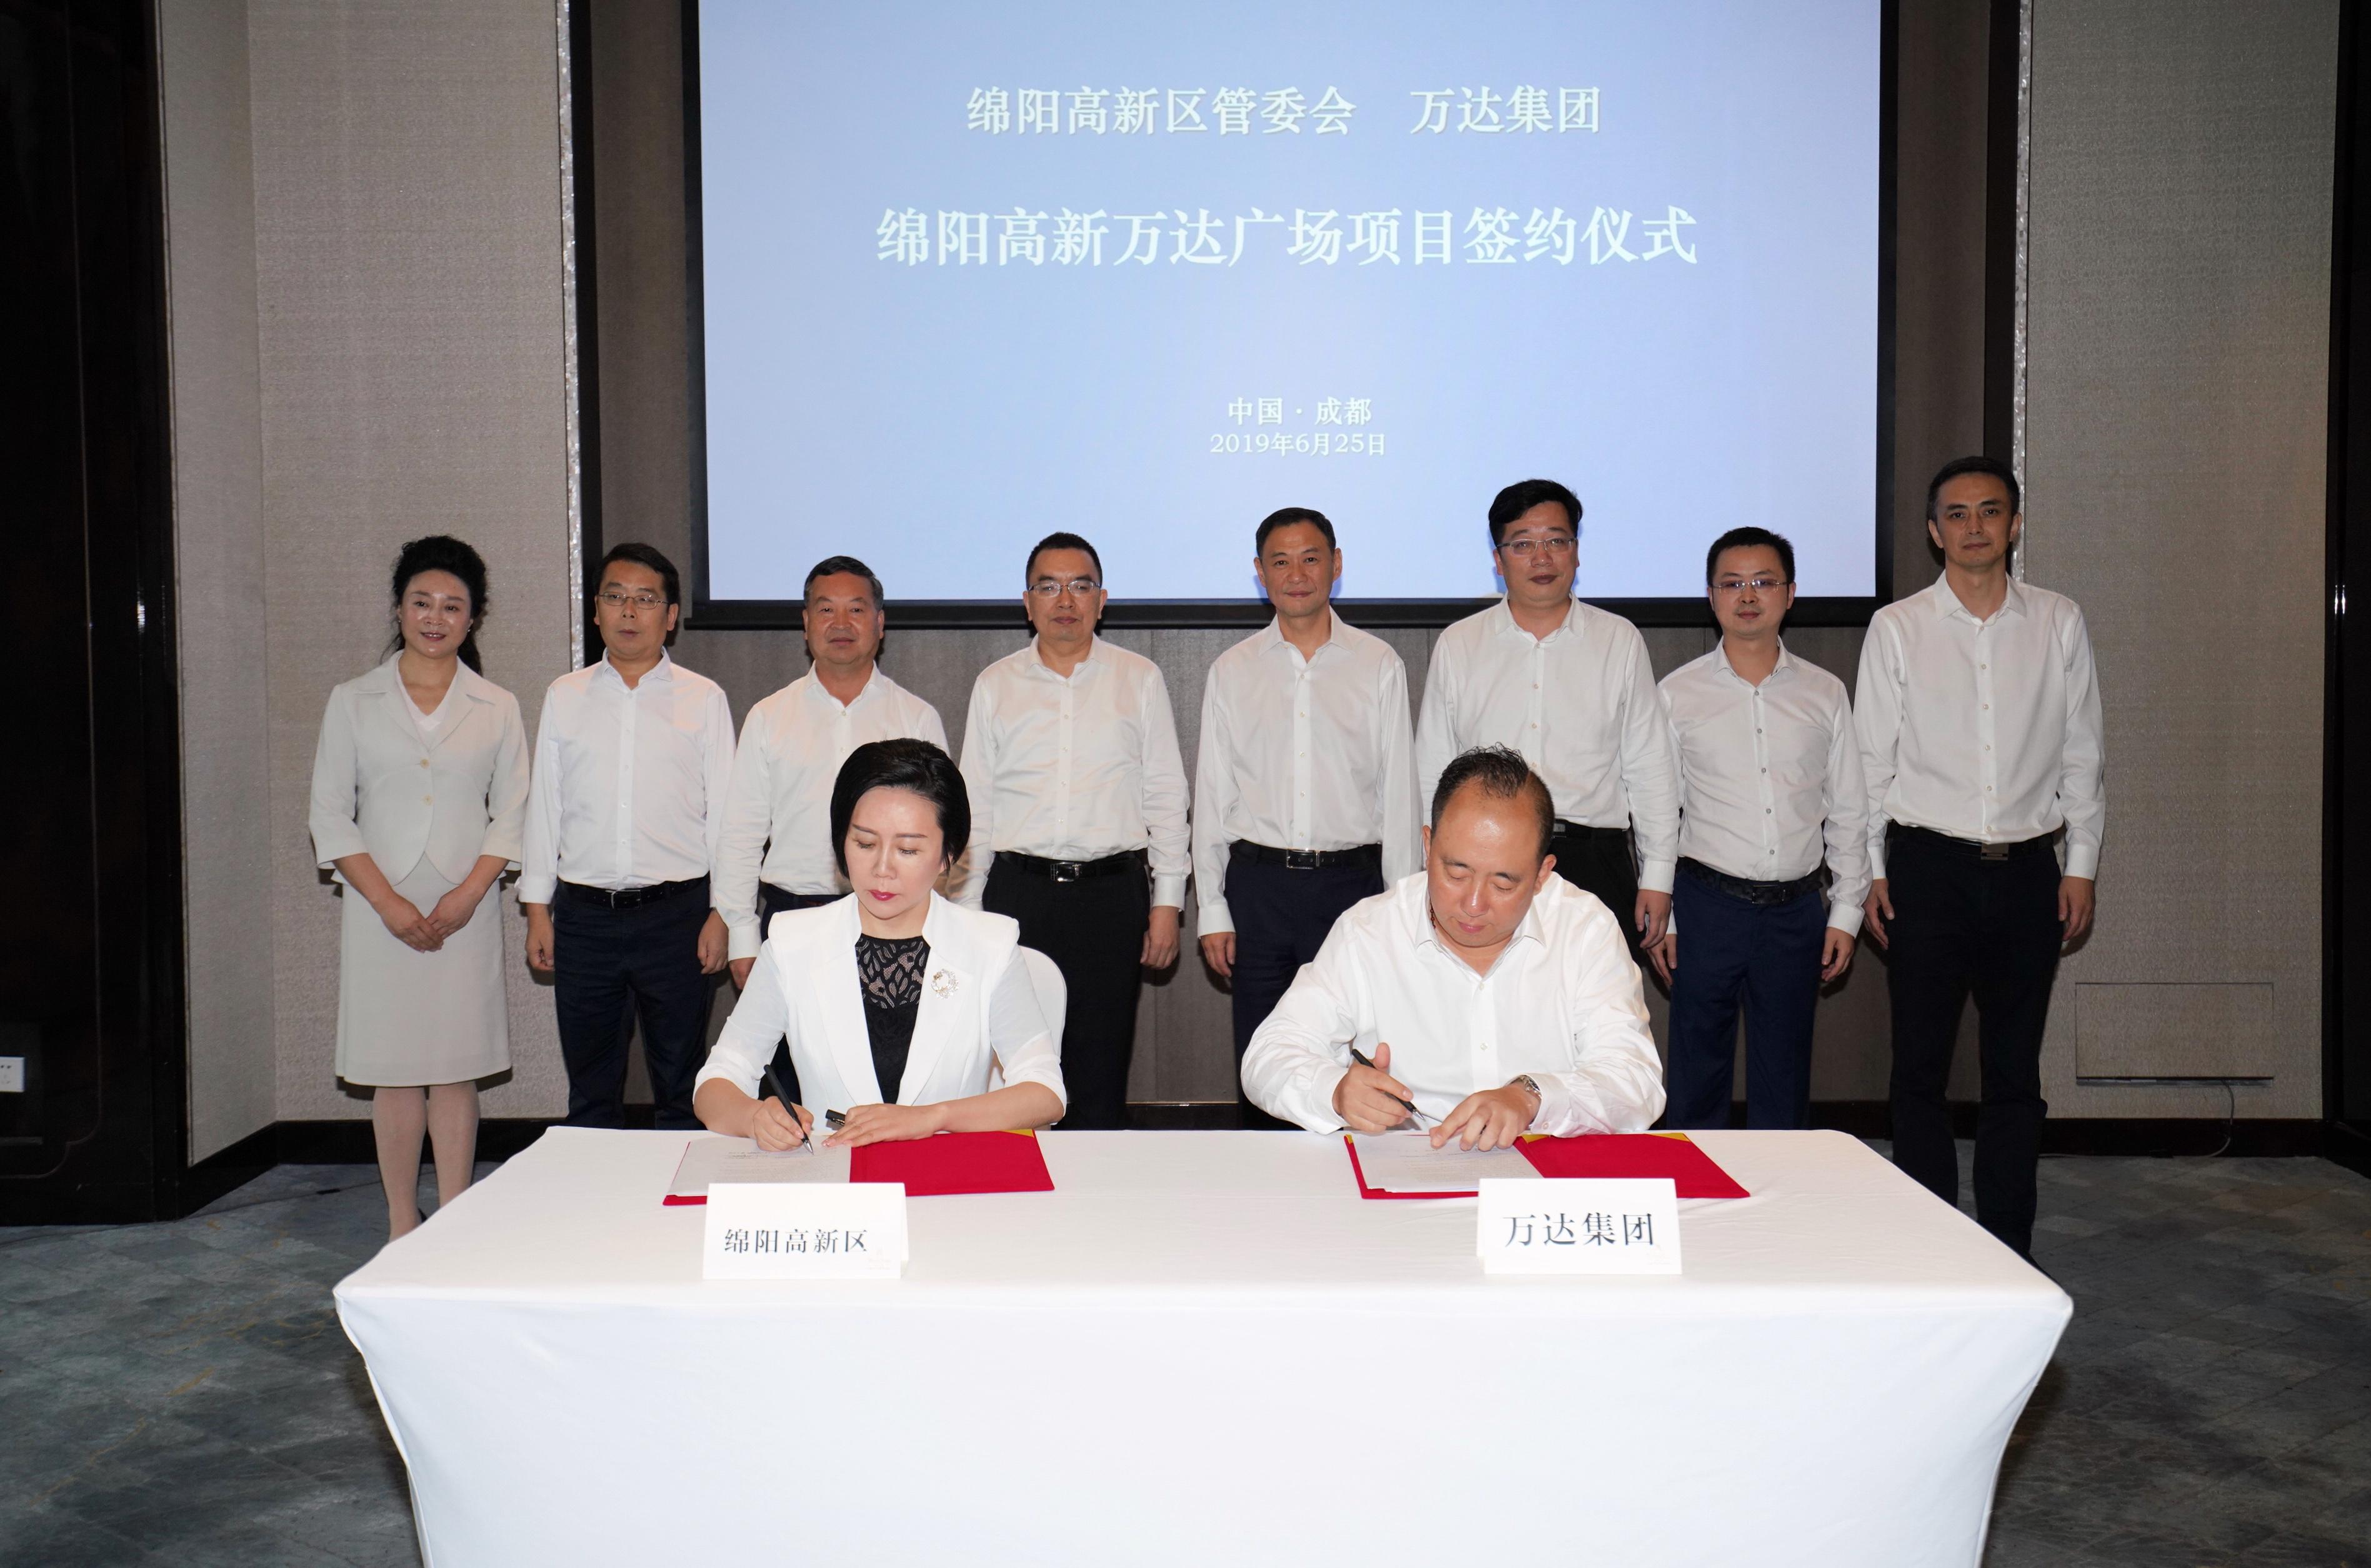 威尼斯官网与四川绵阳高新区管委会签订万达广场项目合作协议